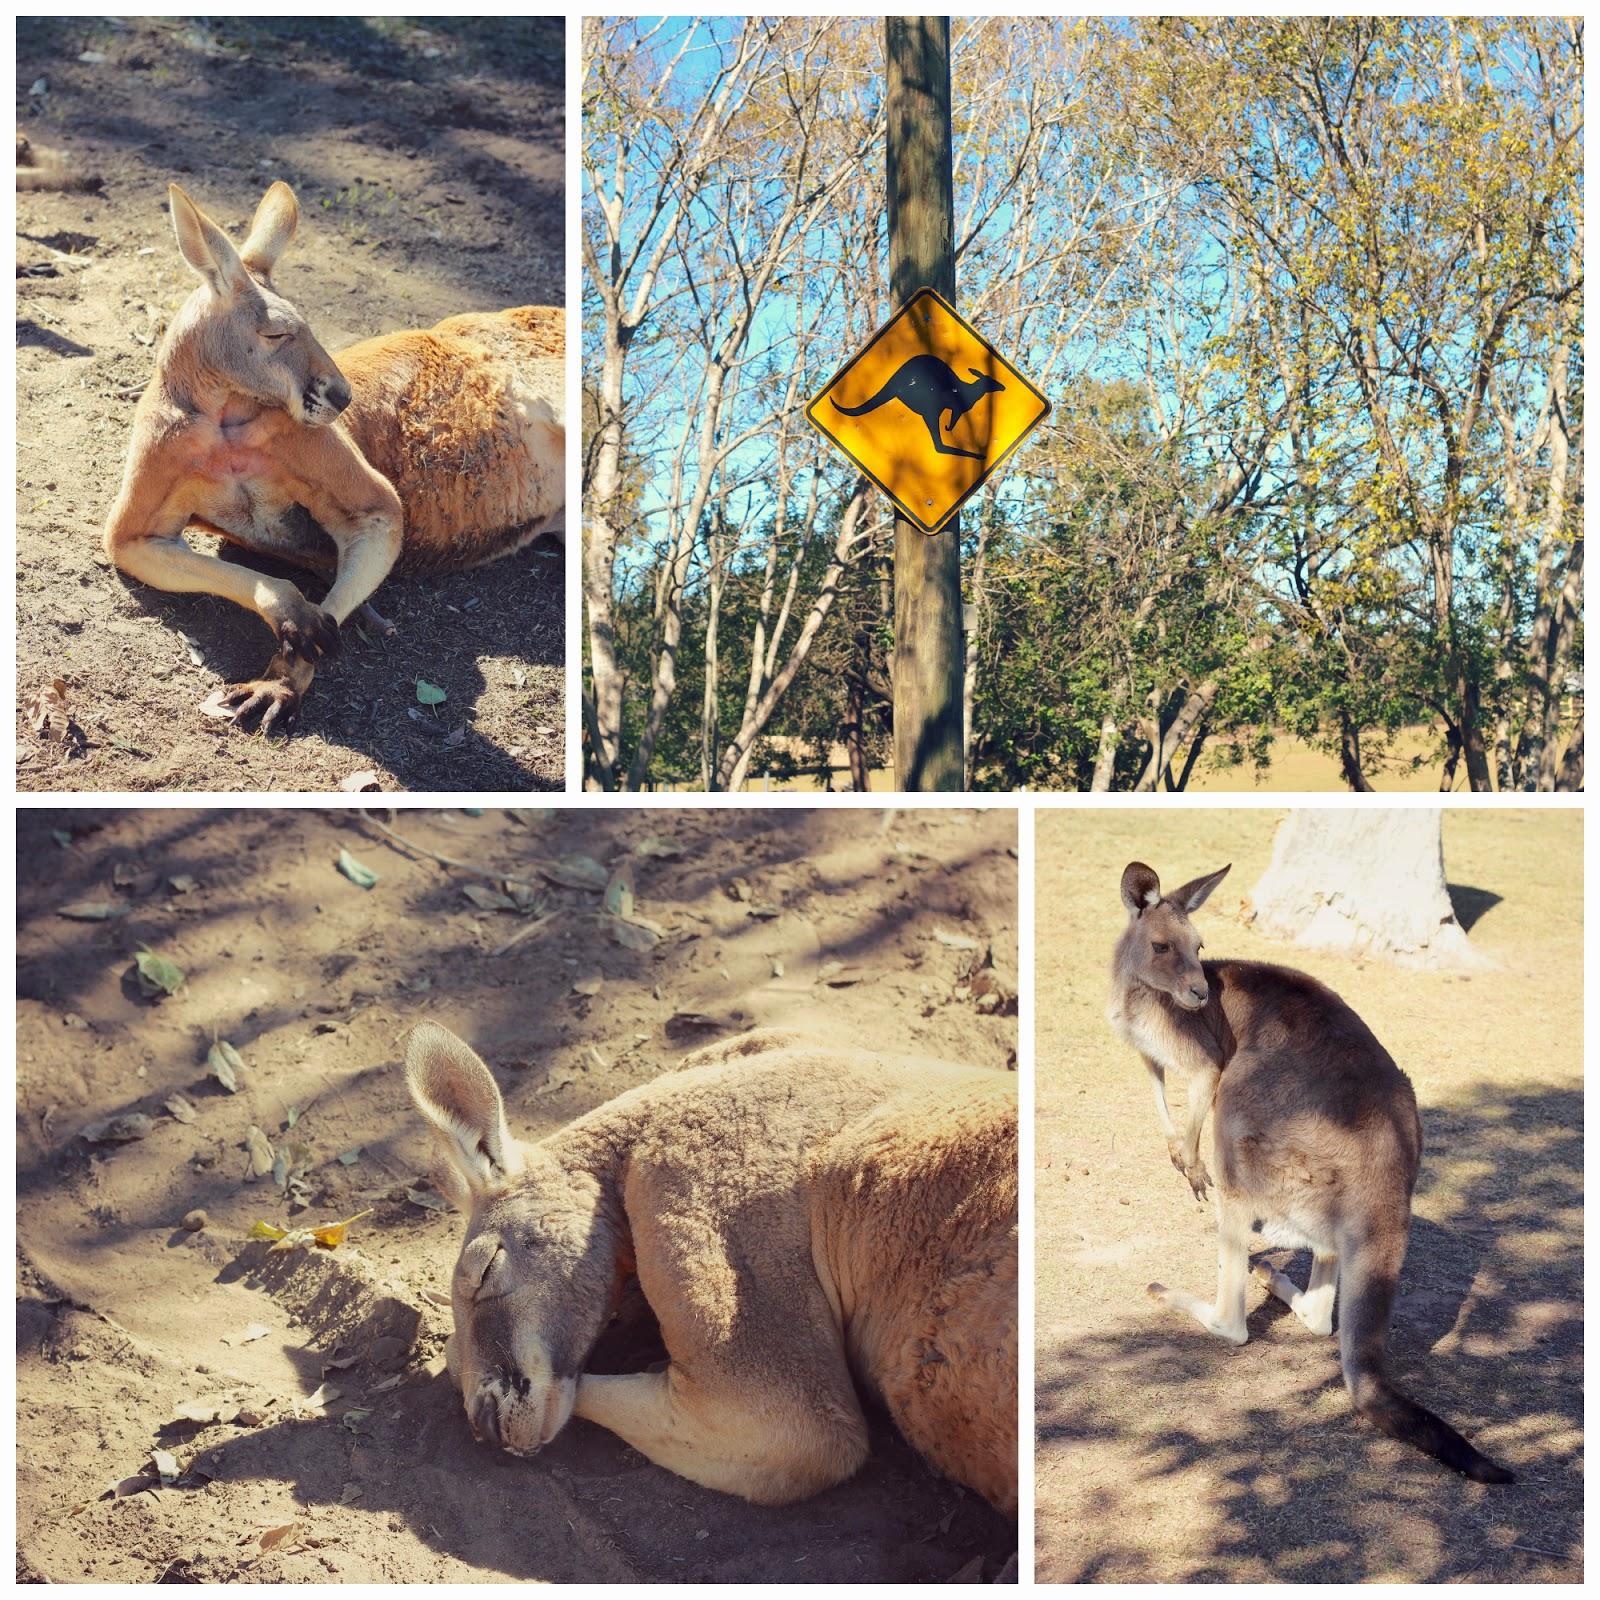 kangaroo%2Bcollage.jpg